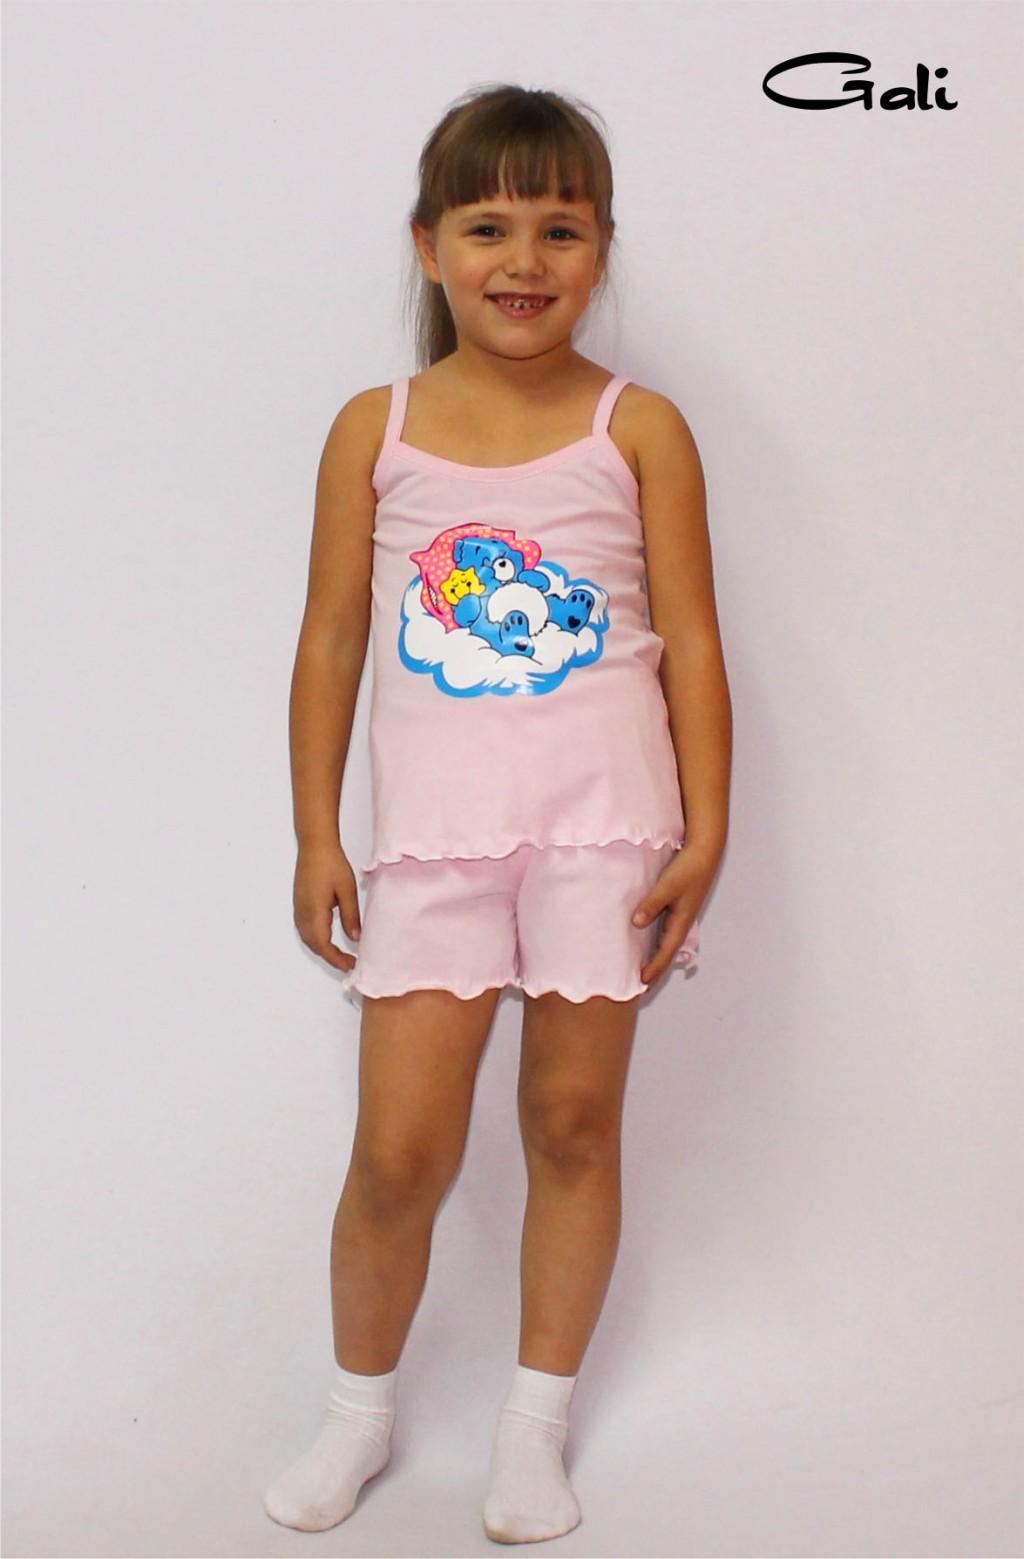 Сбор заказов.В разгар сезона детского сада, мы предлагаем Вам приобрести самые популярные детские трикотажные изделия - футболка и шорты, по низкой цене - всего 50 рублей!13 +Новинки!